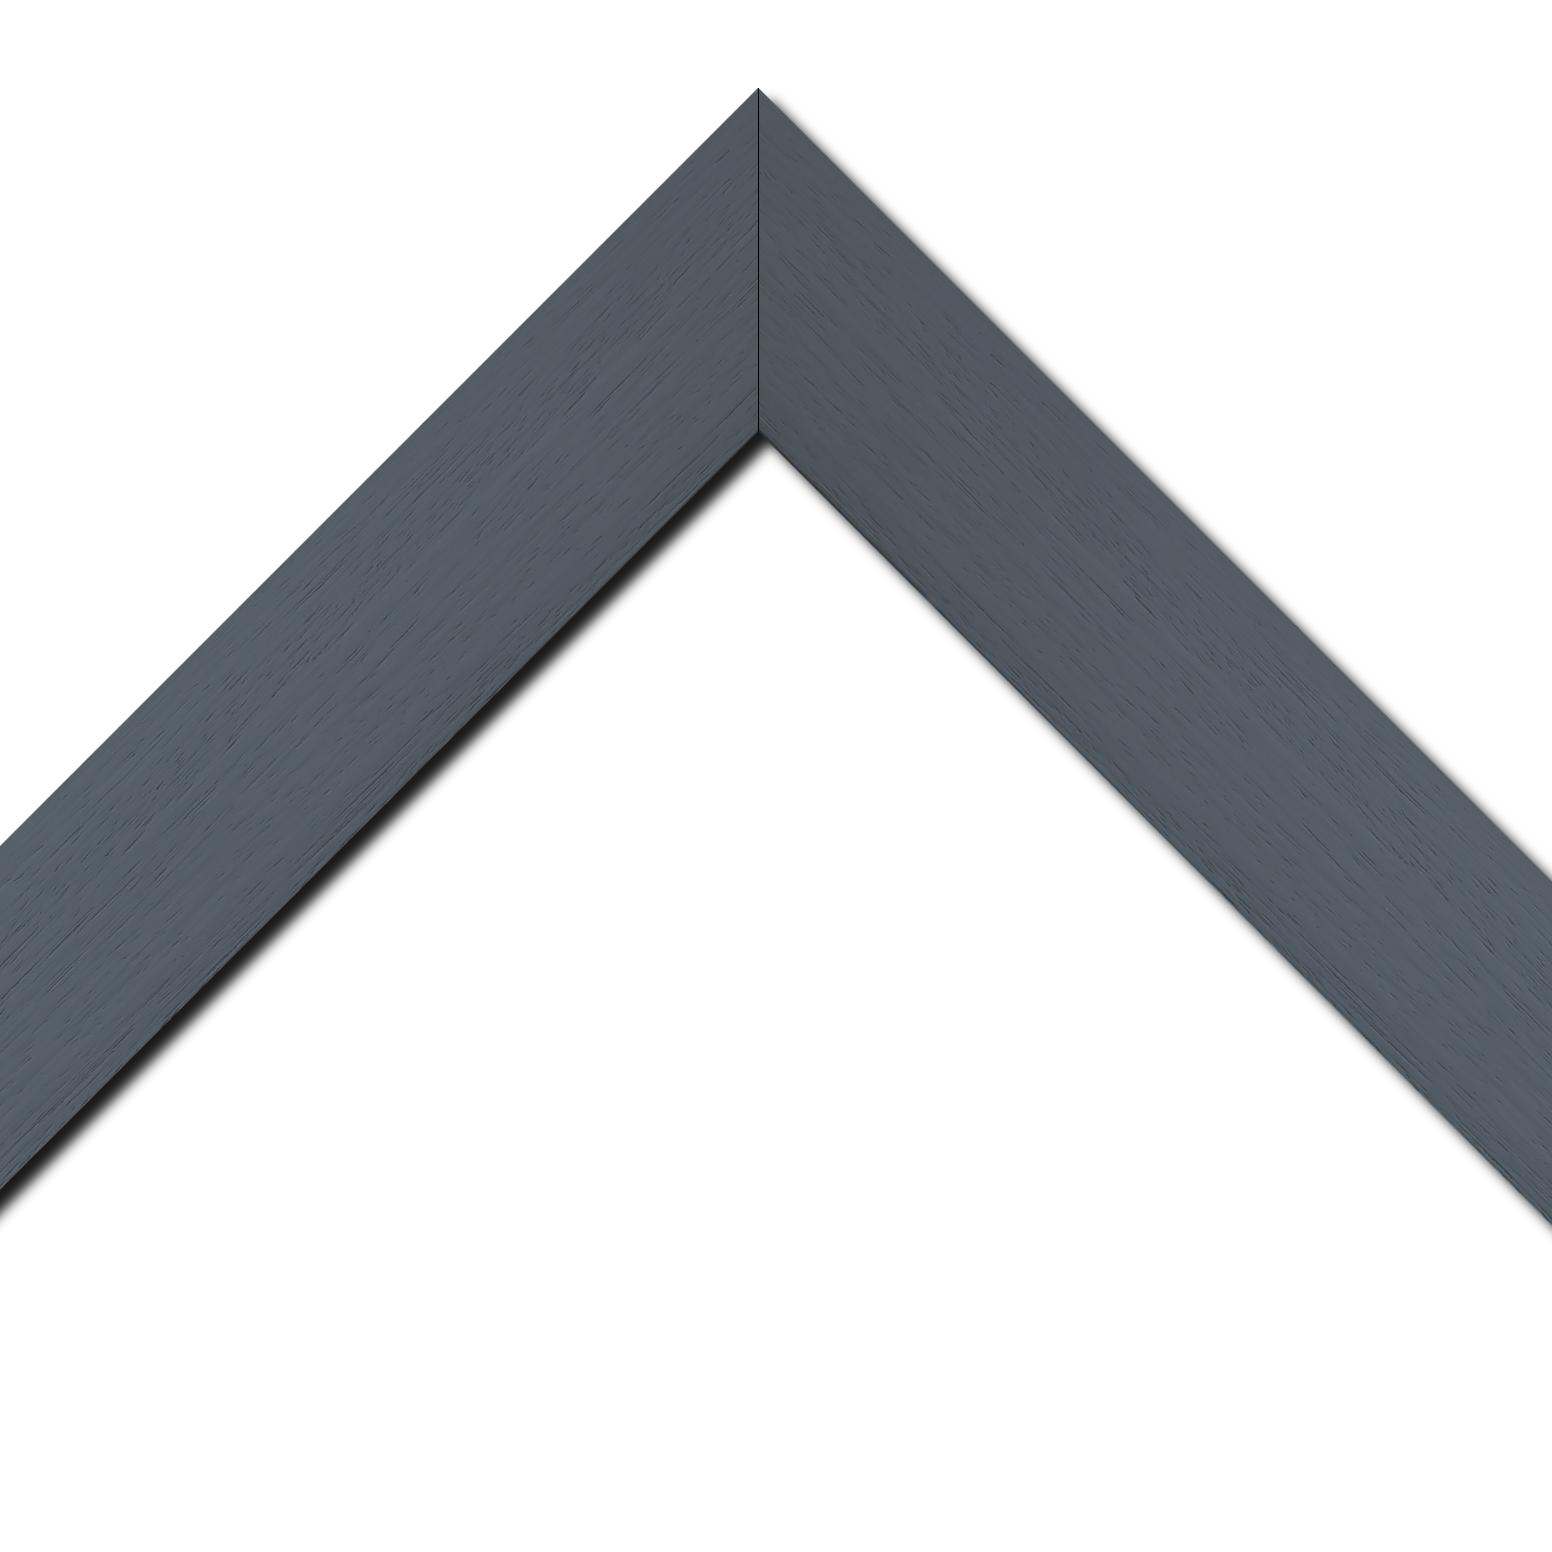 Baguette bois profil plat largeur 5.9cm couleur gris foncé satiné